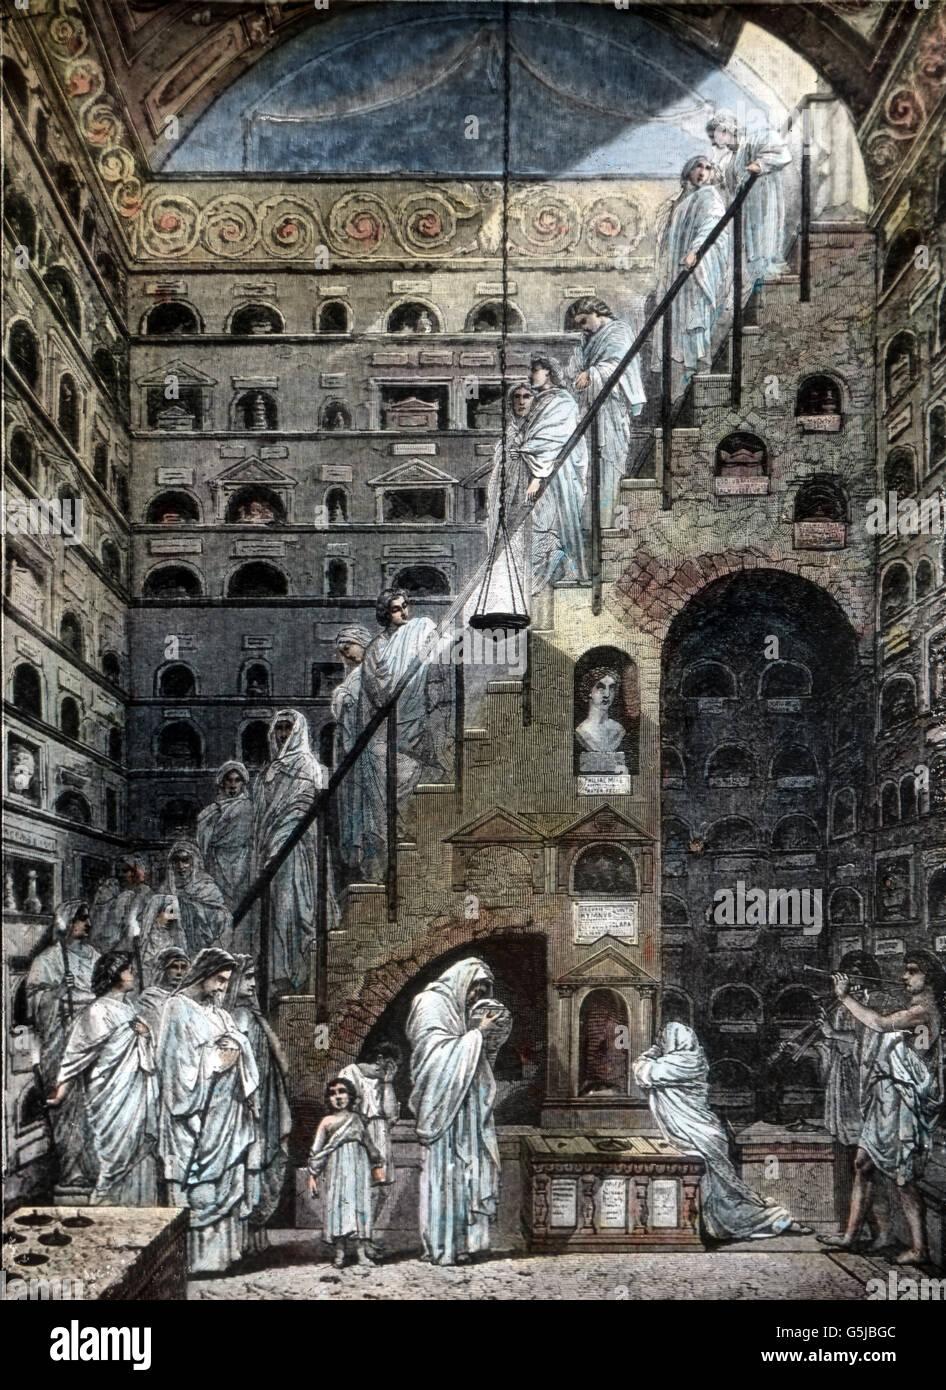 Ein römisches Columbarium ist ein oberirdisches Gebäude zur Bestattung von Urnen. A columbarium is a place for peaceful storage of urns. Stock Photo